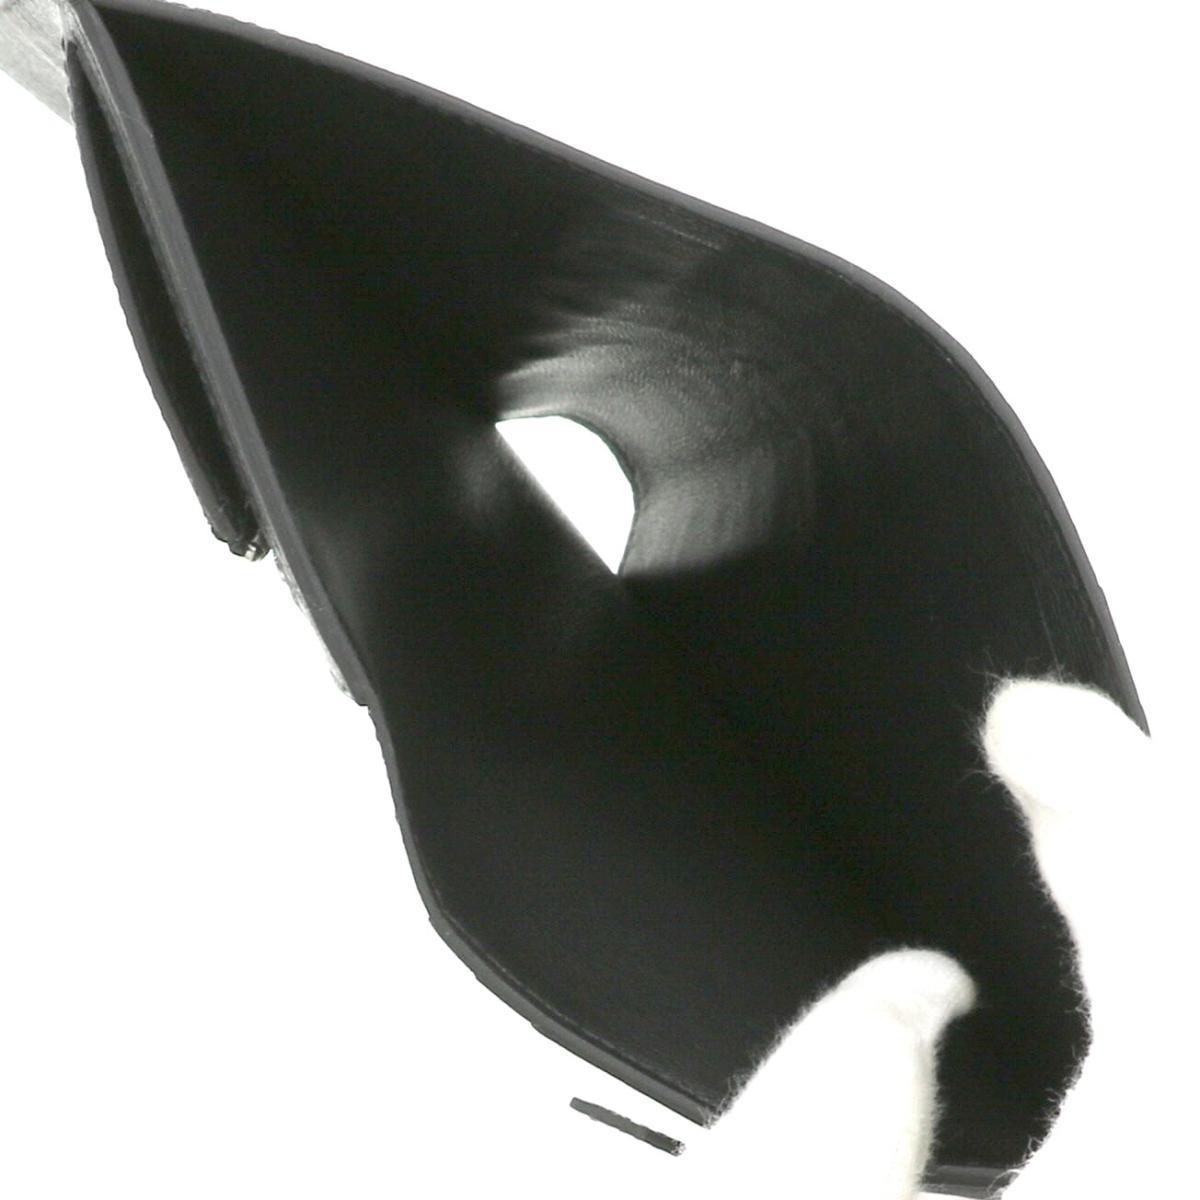 【中古】 HERMES (エルメス) ベアン コンパクト アリゲーター 財布 二つ折り財布(小銭入有) ベアン Black H047905CK89 bnwt:N